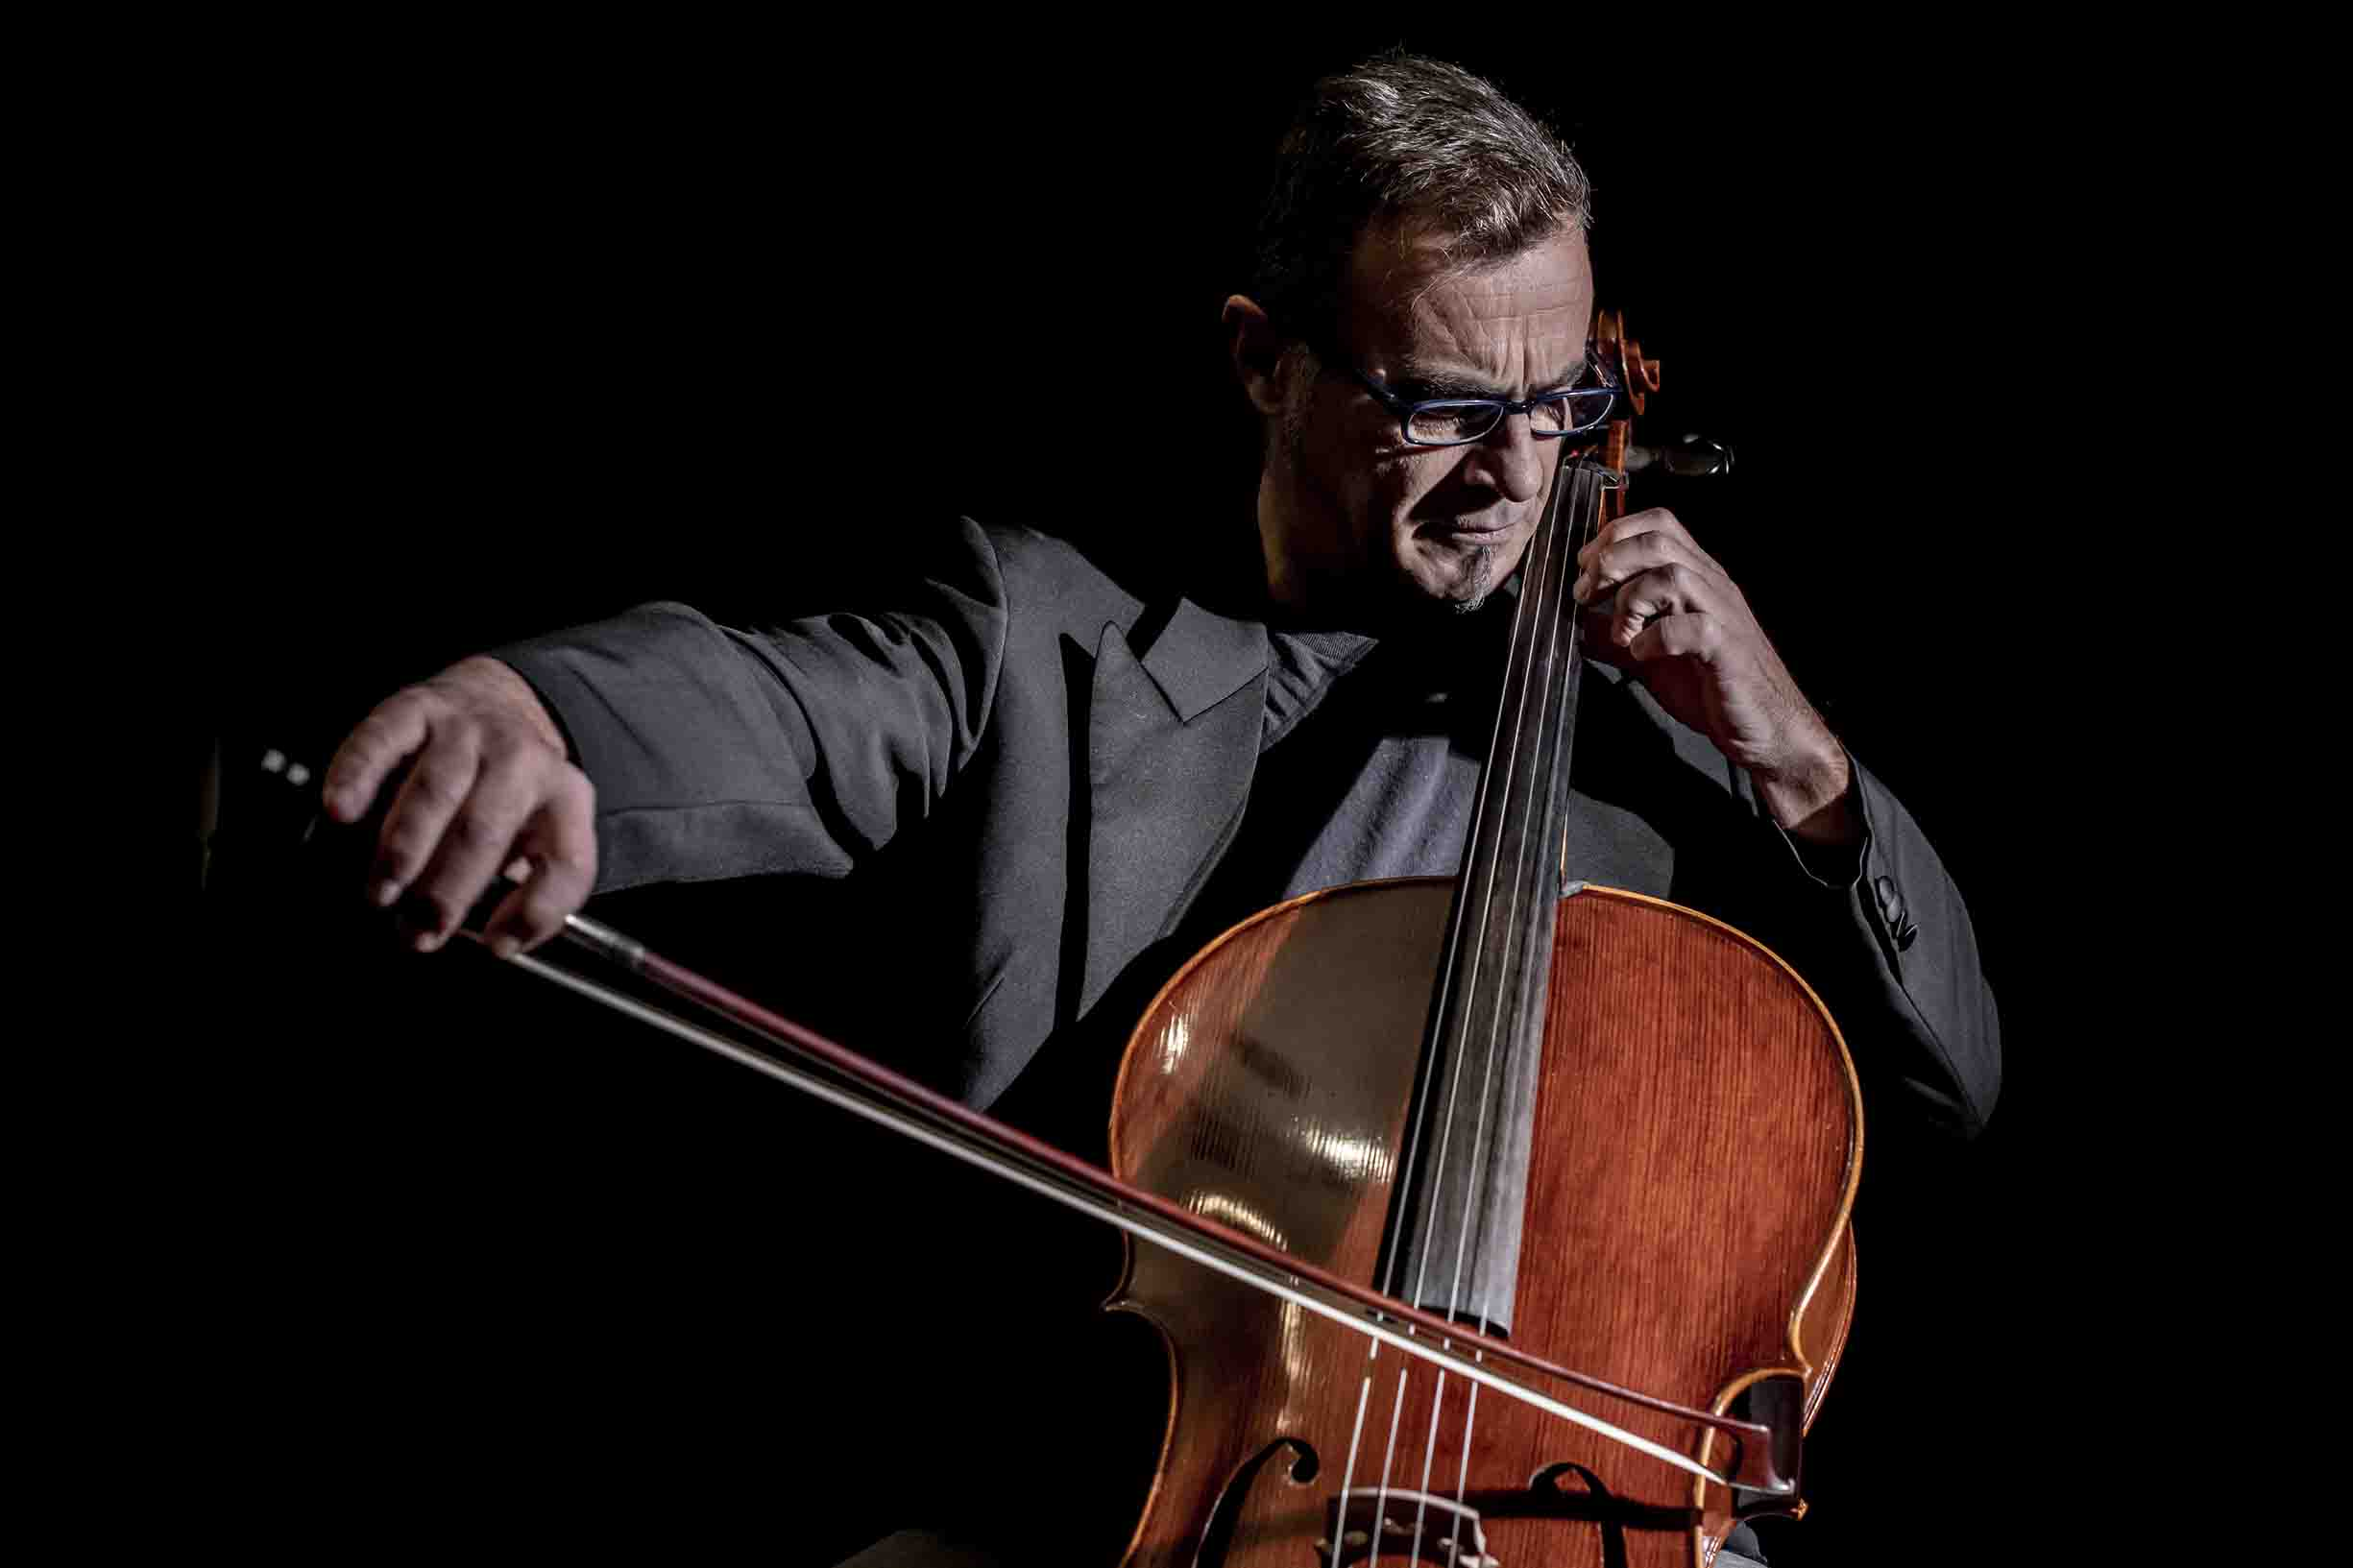 Gianluca Pischedda